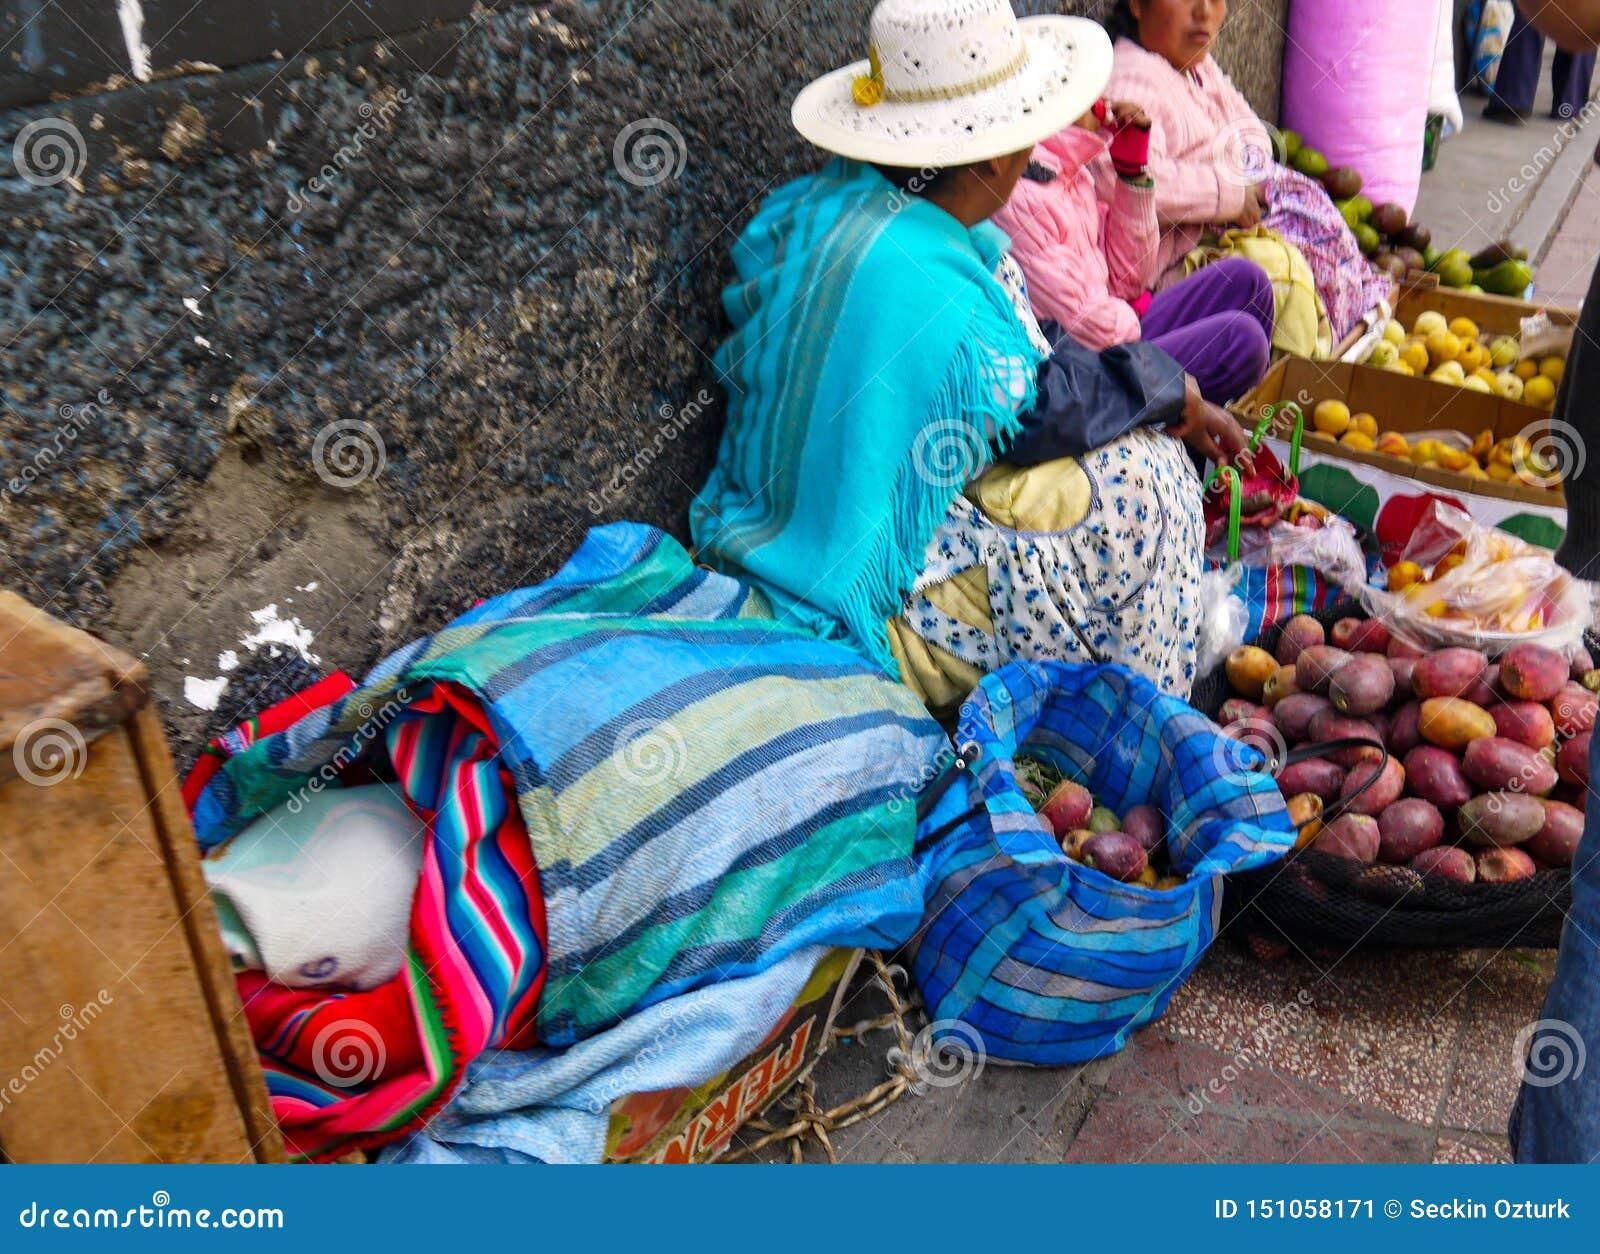 Kleurrijke Boliviaanse bazaar in La Paz, Bolivië